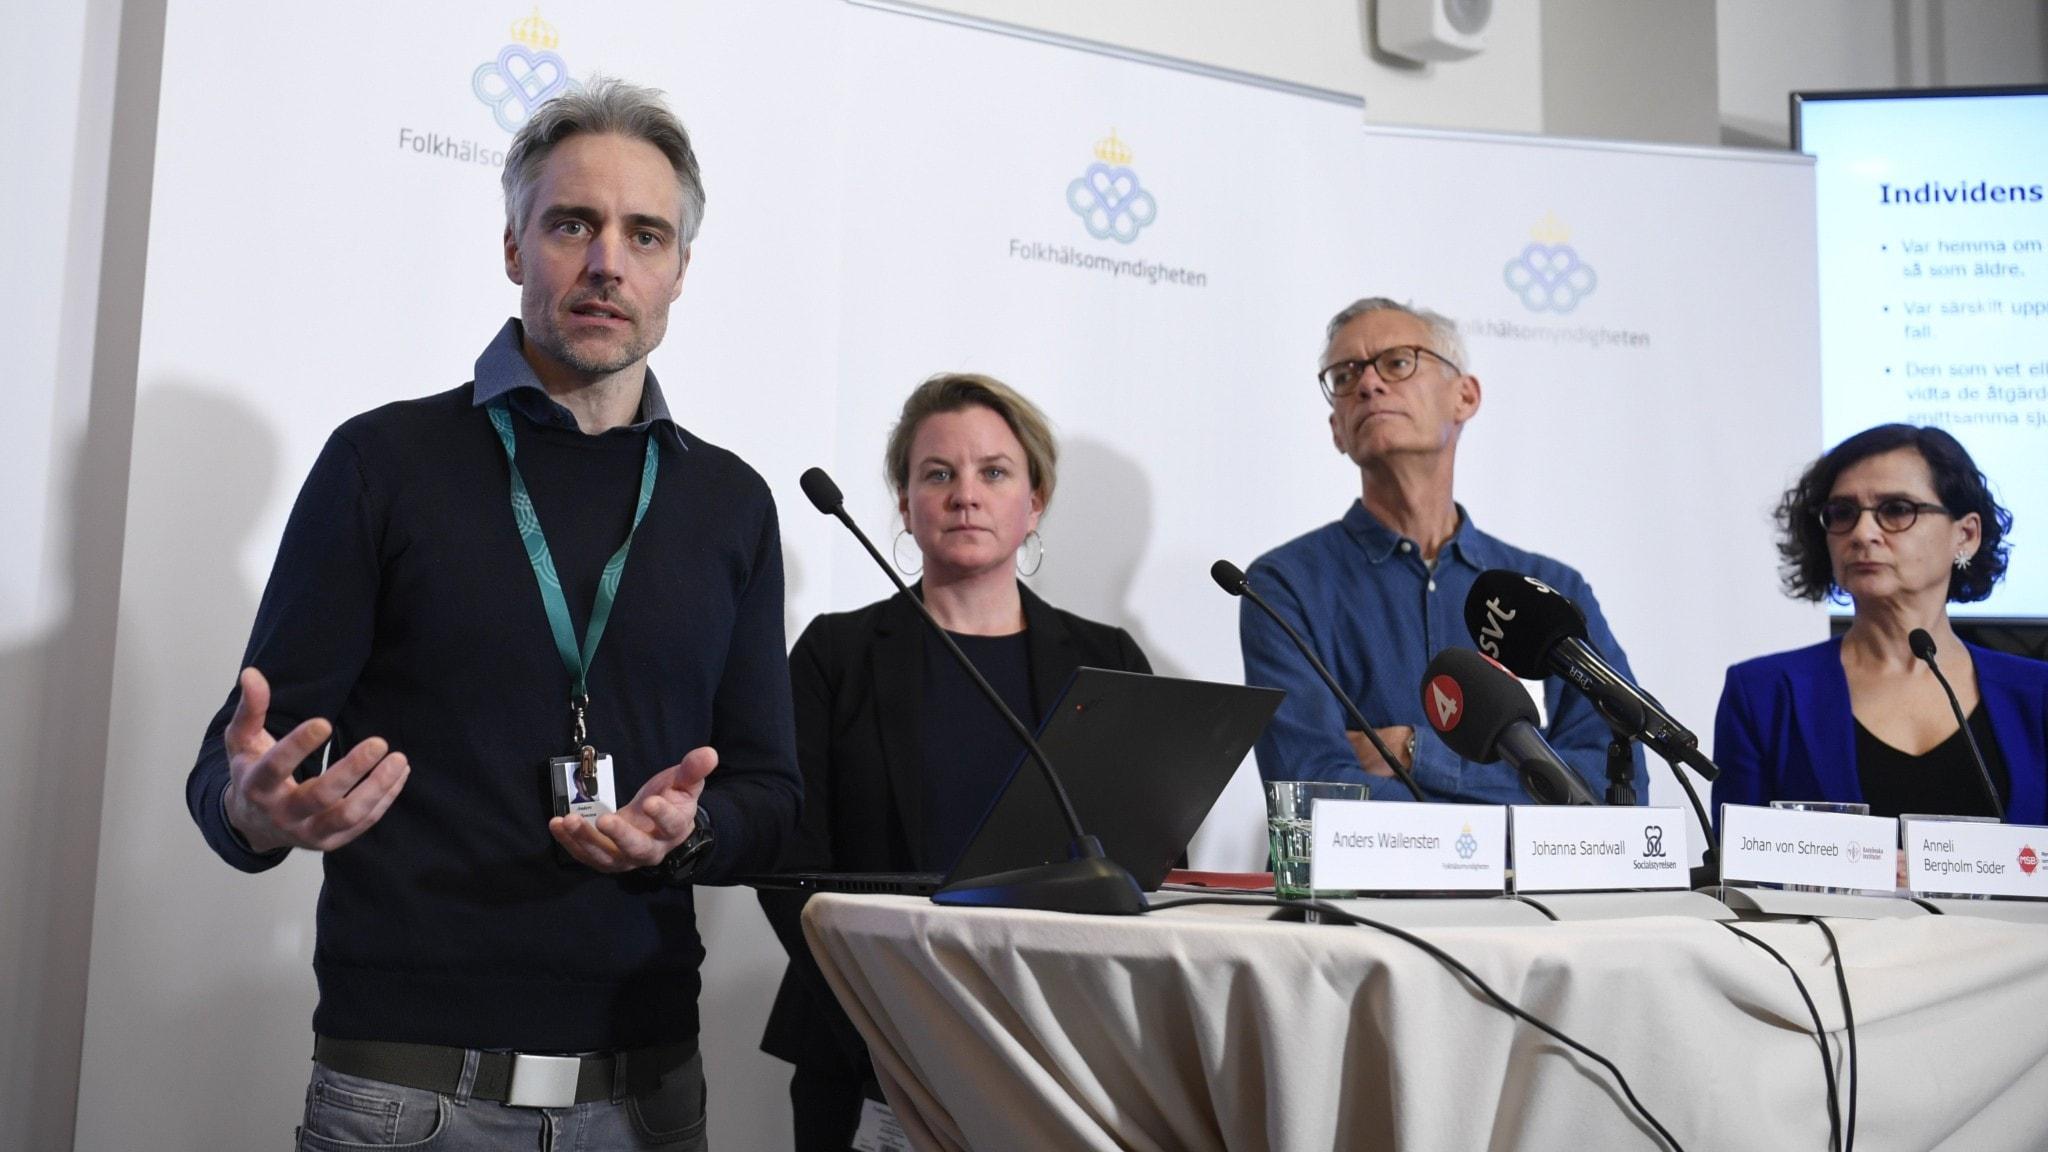 Över 250 personer i Sverige är smittade av coronaviruset